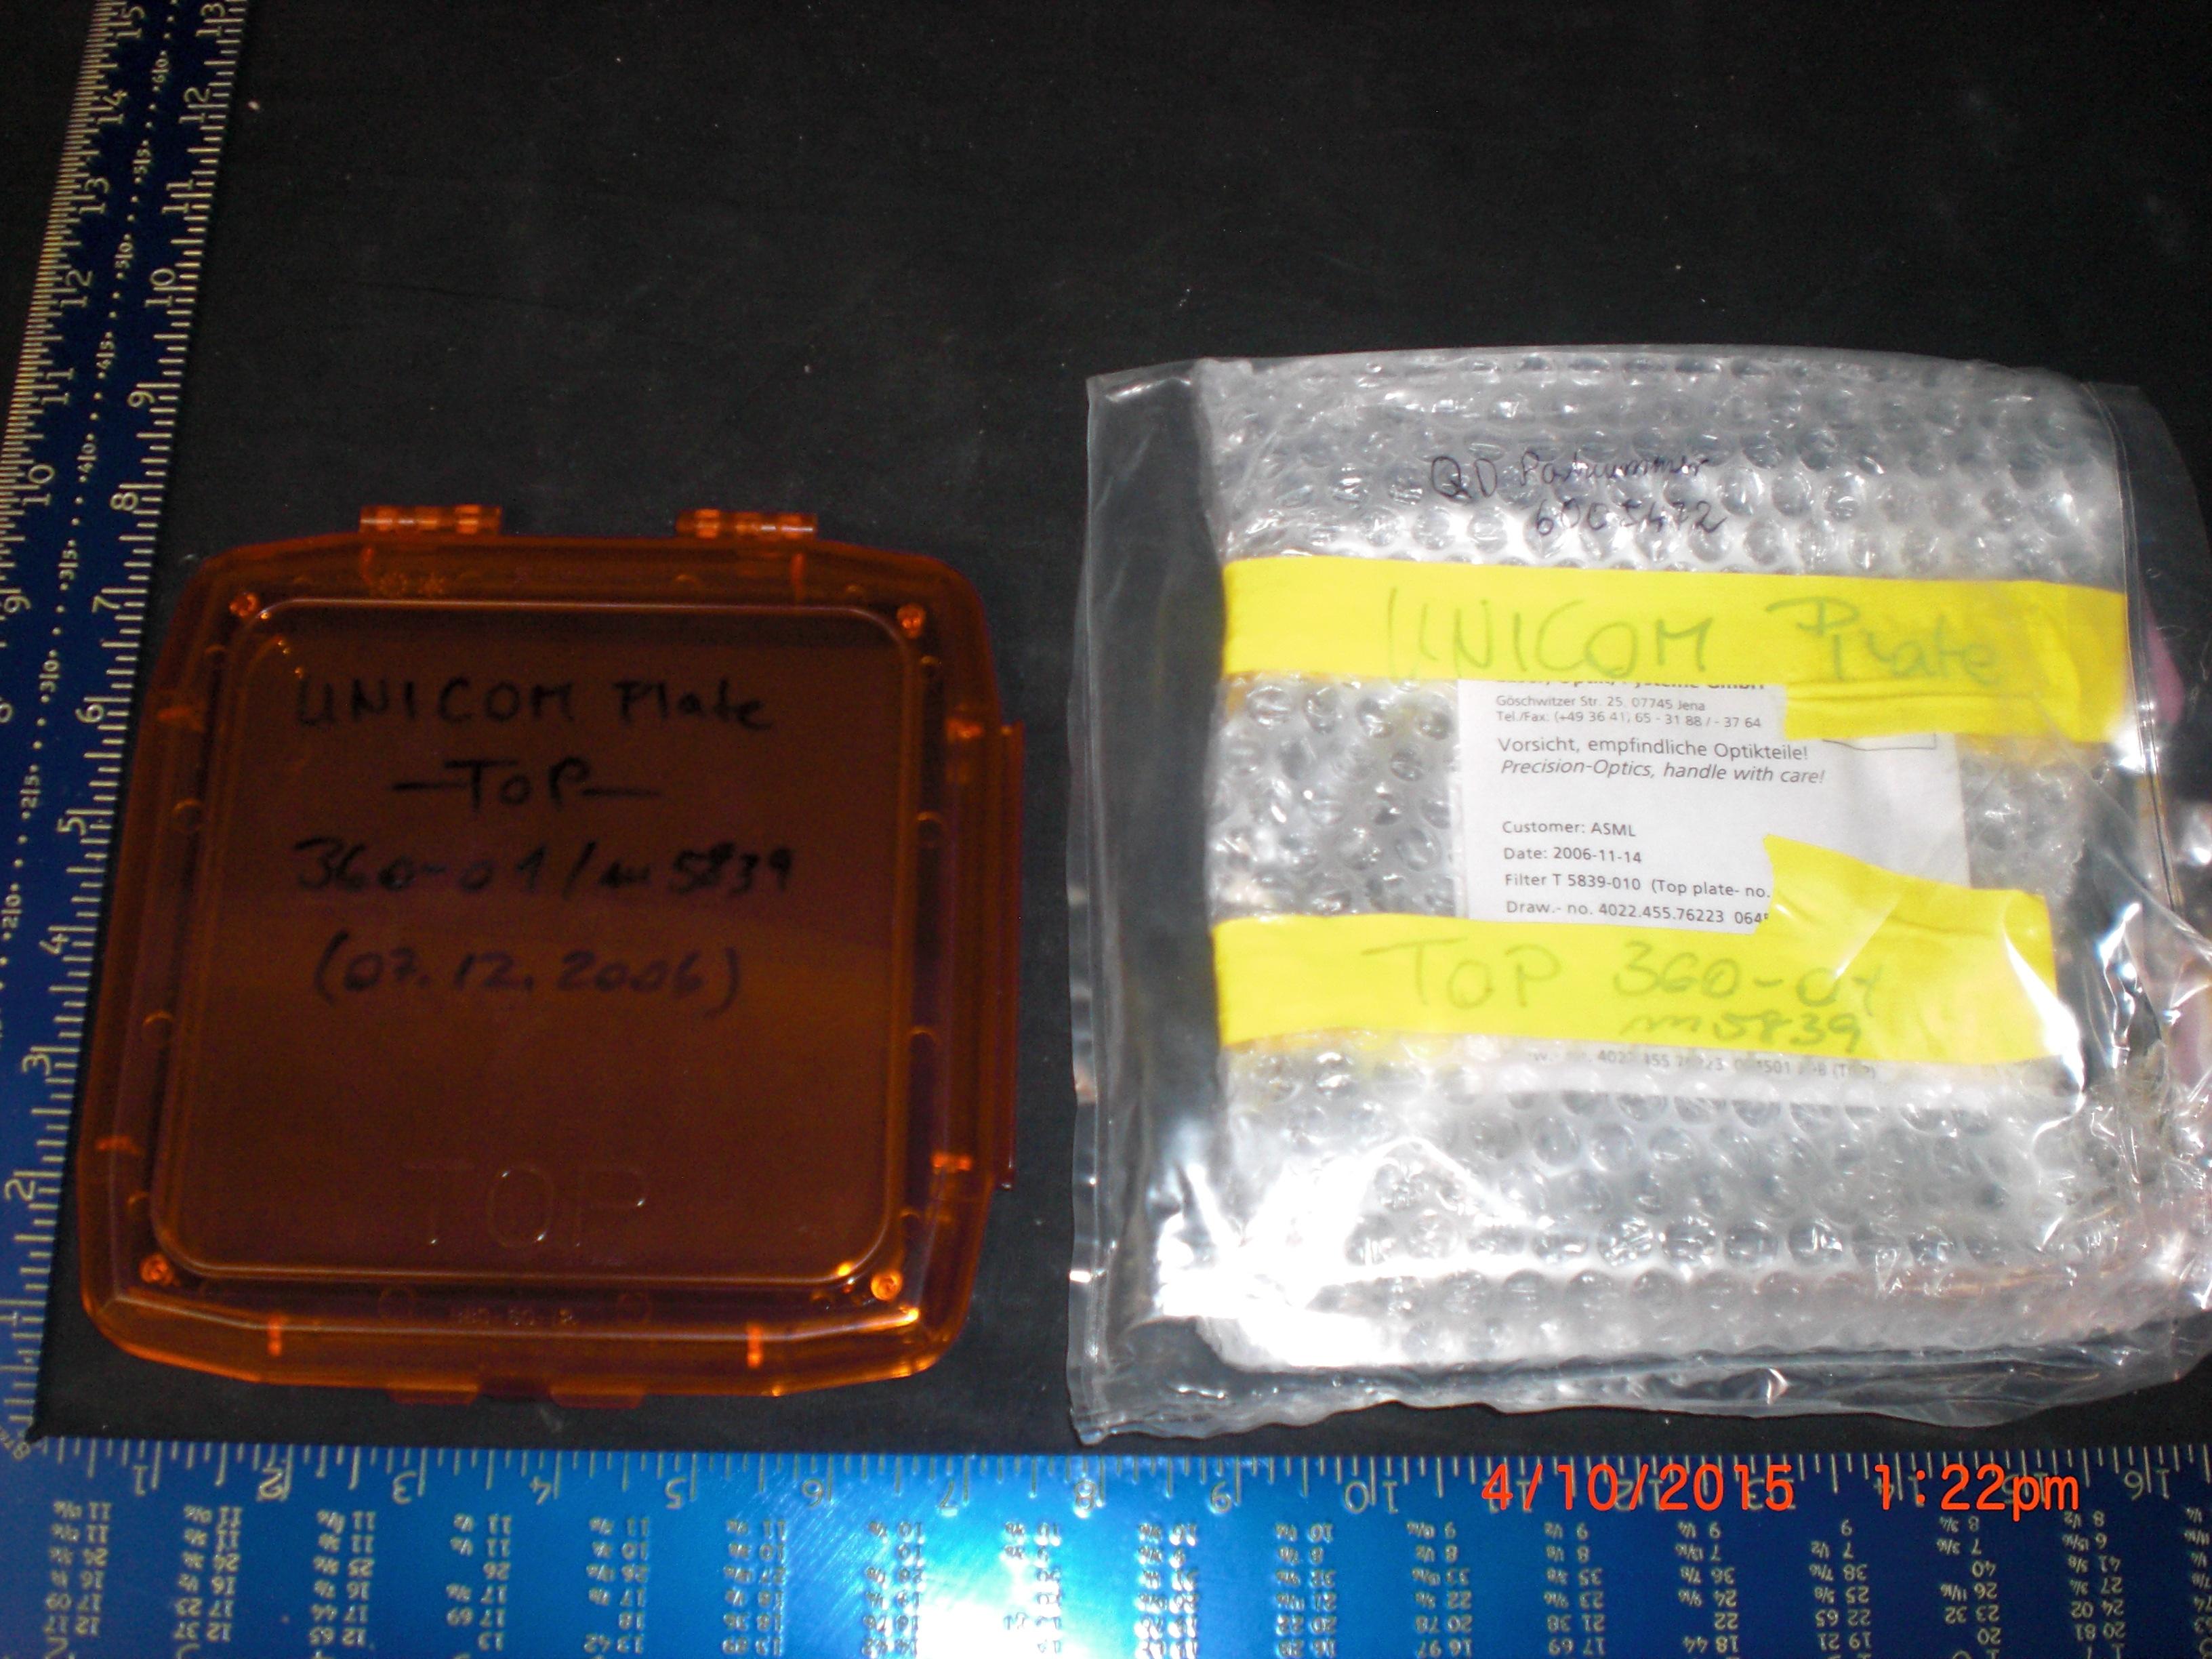 Lens ASML 4022.455.76223 Filter T 5839-010 Unicom Plate 360-01/um5839